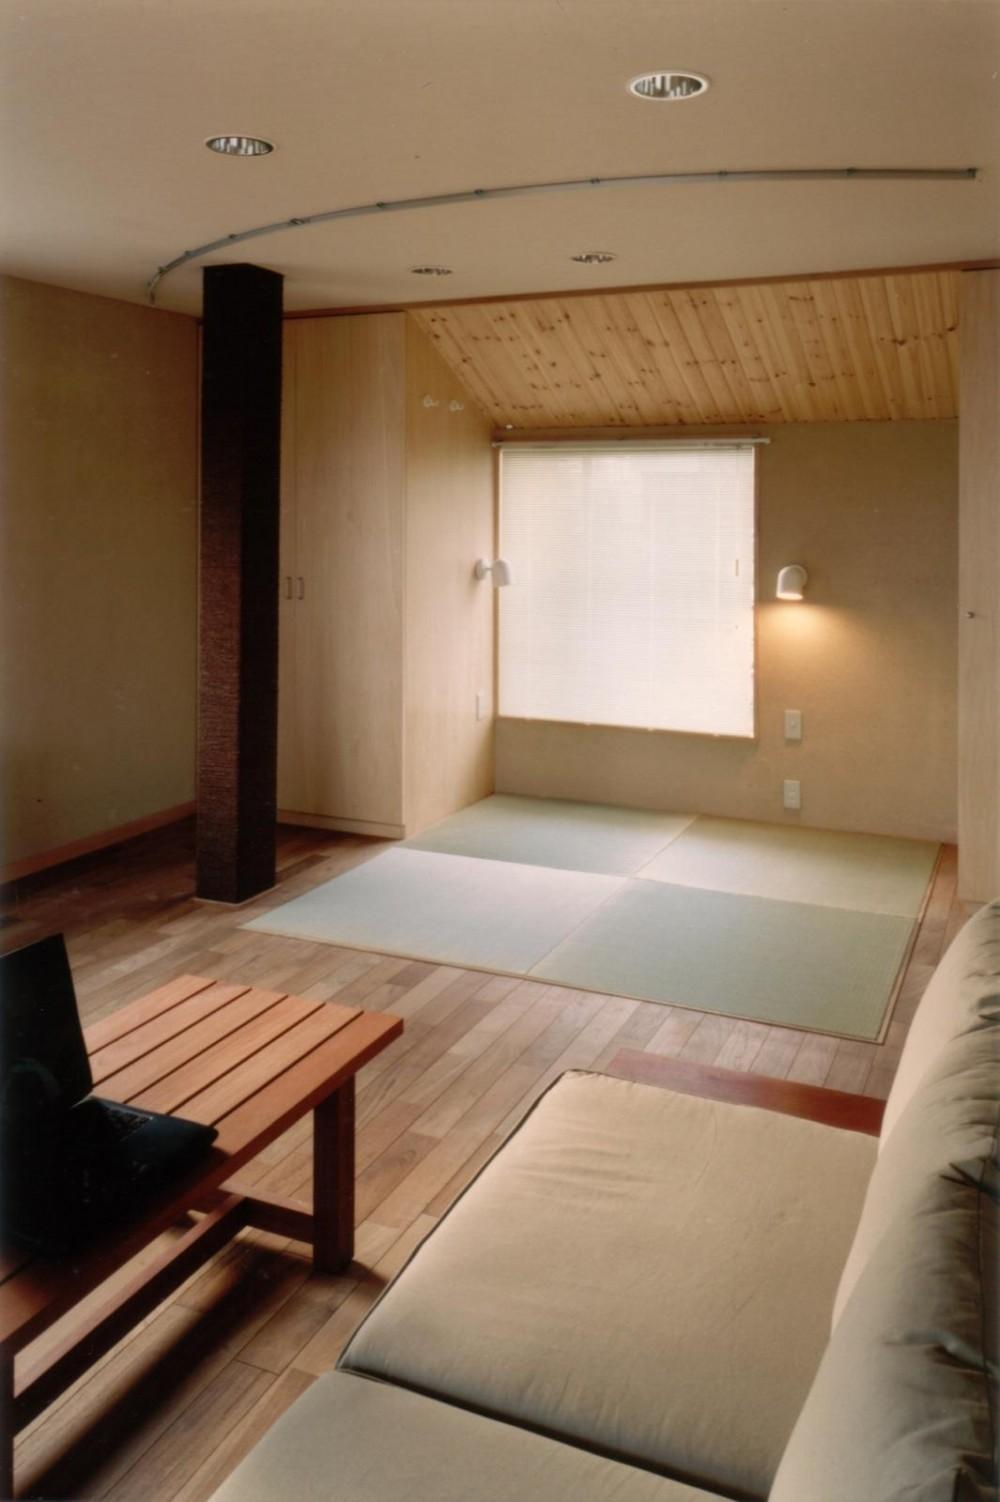 二世帯住宅に変える鉄骨造のリノベーション (畳スペース(寝室))